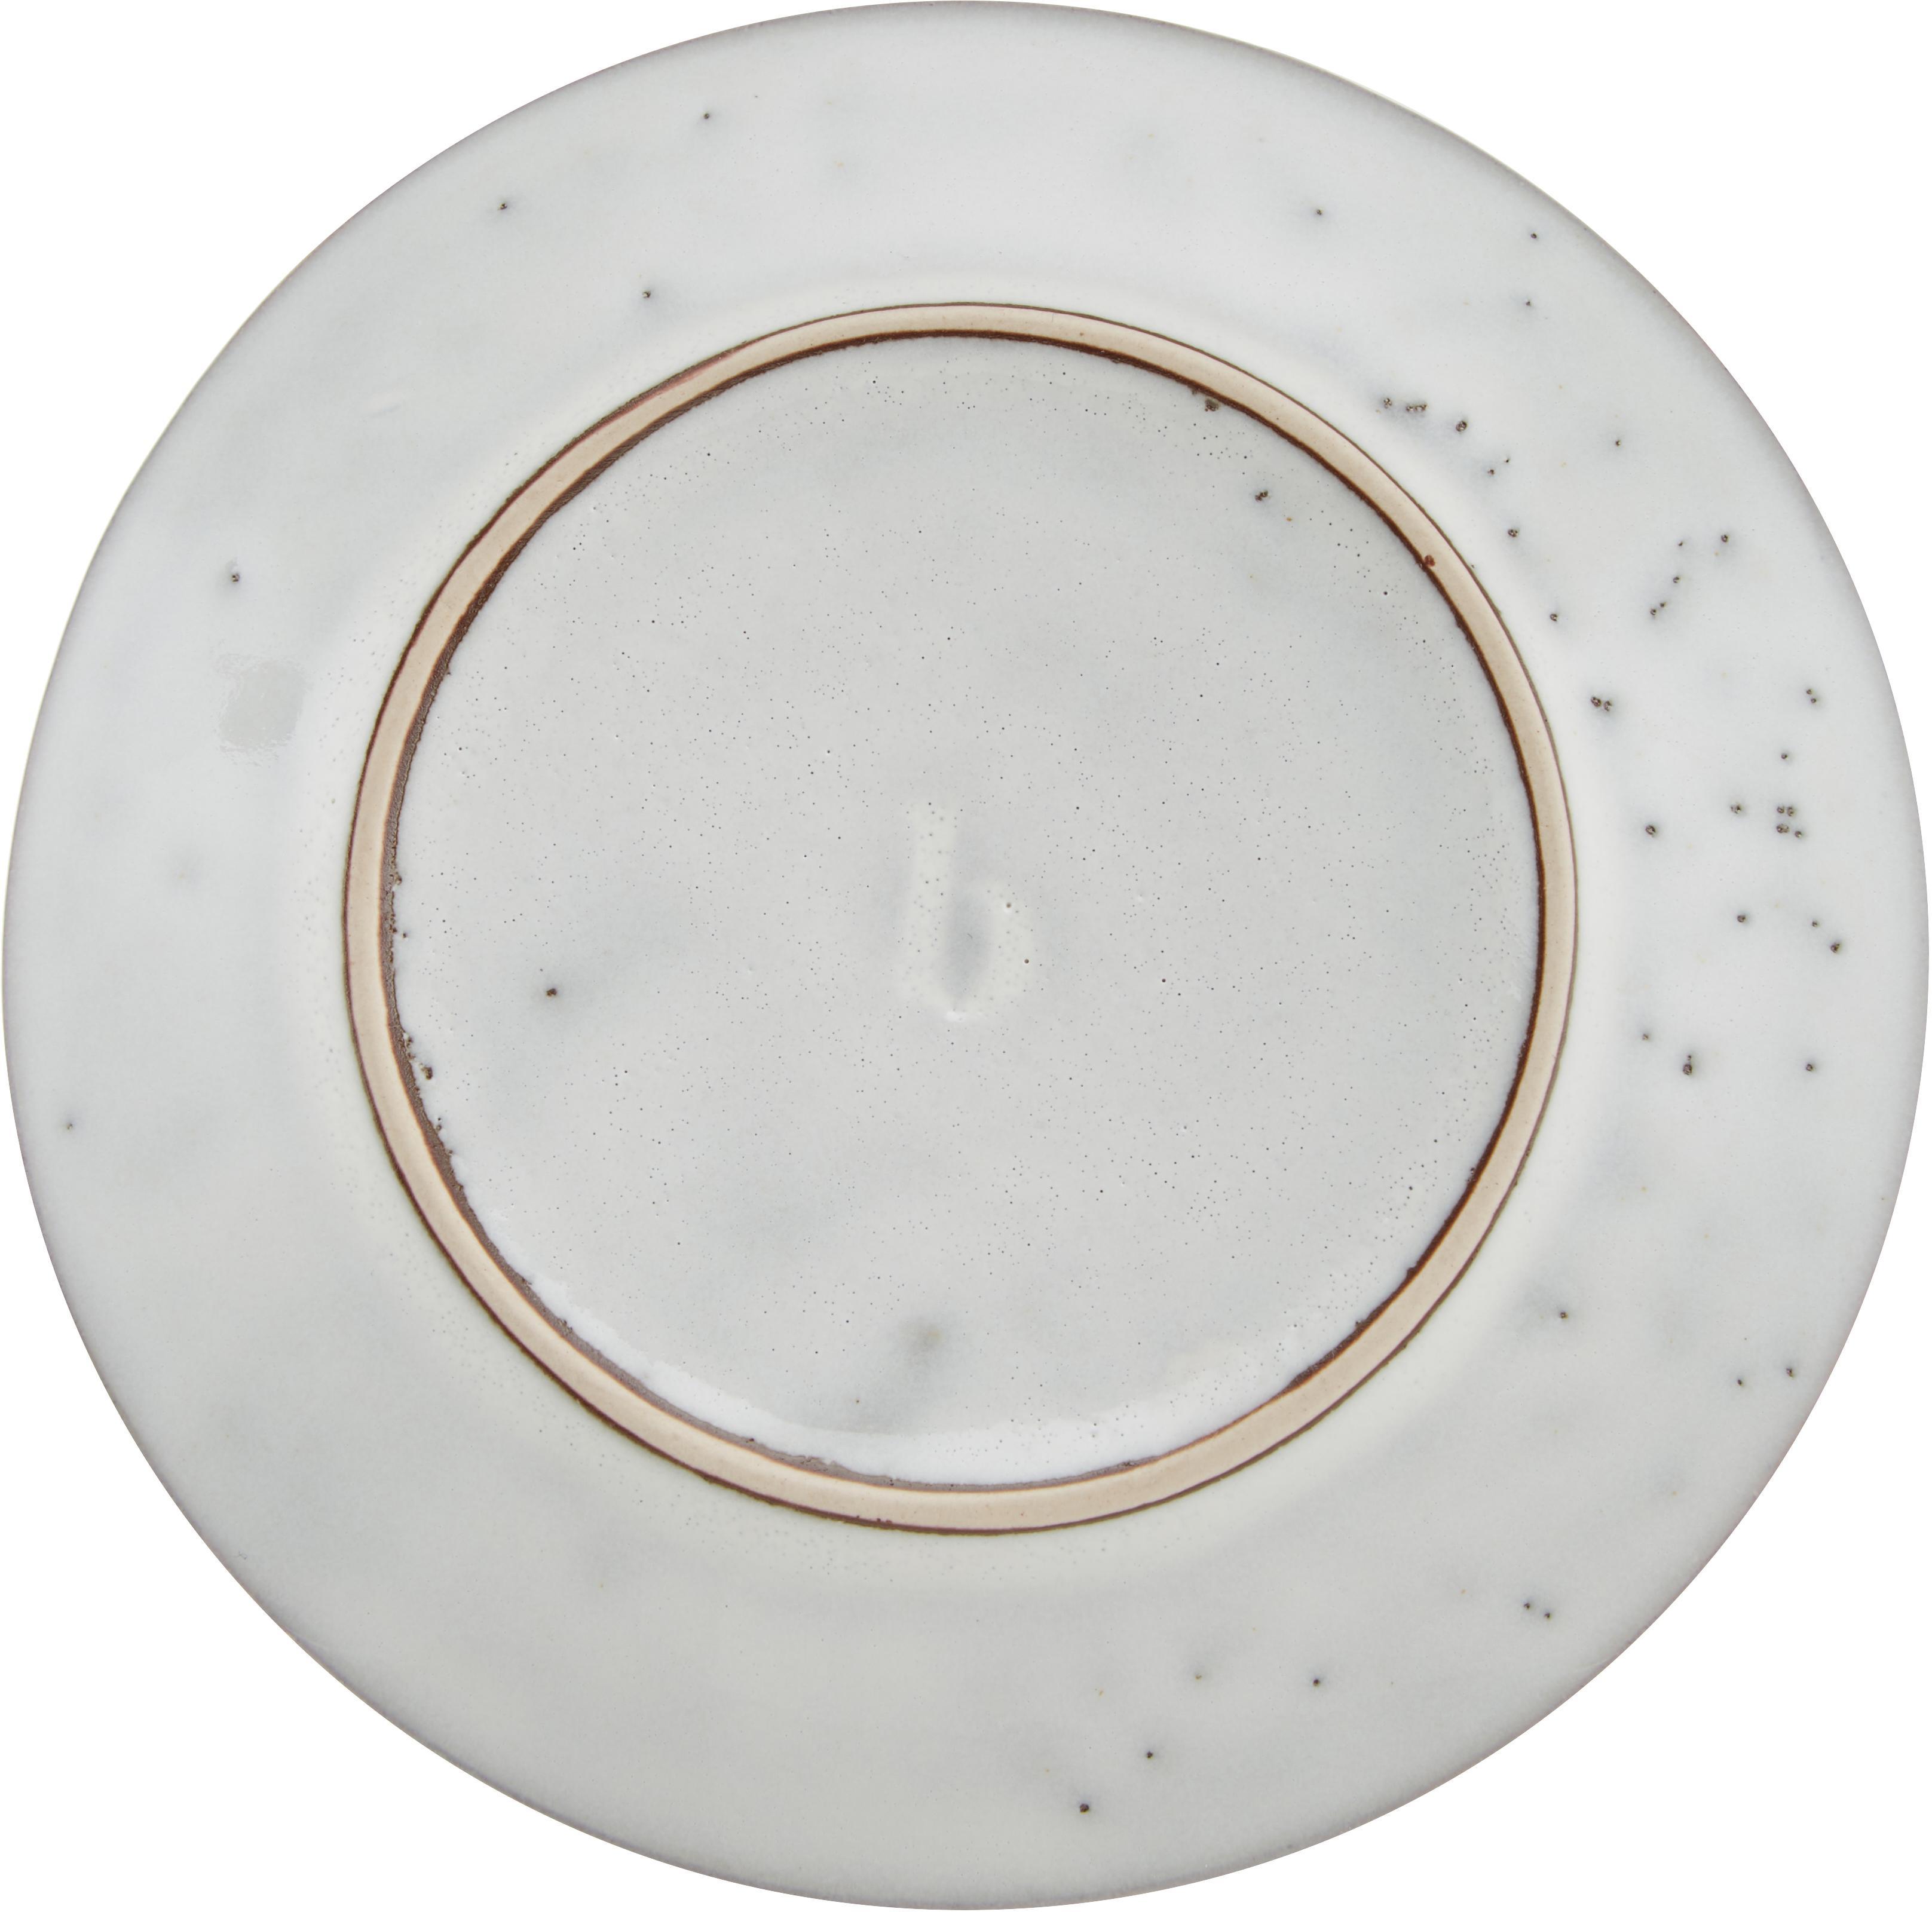 Handgemaakt kopje met schoteltje Nordic Sand, Keramiek, Zandkleurig, Ø 14 x H 9 cm